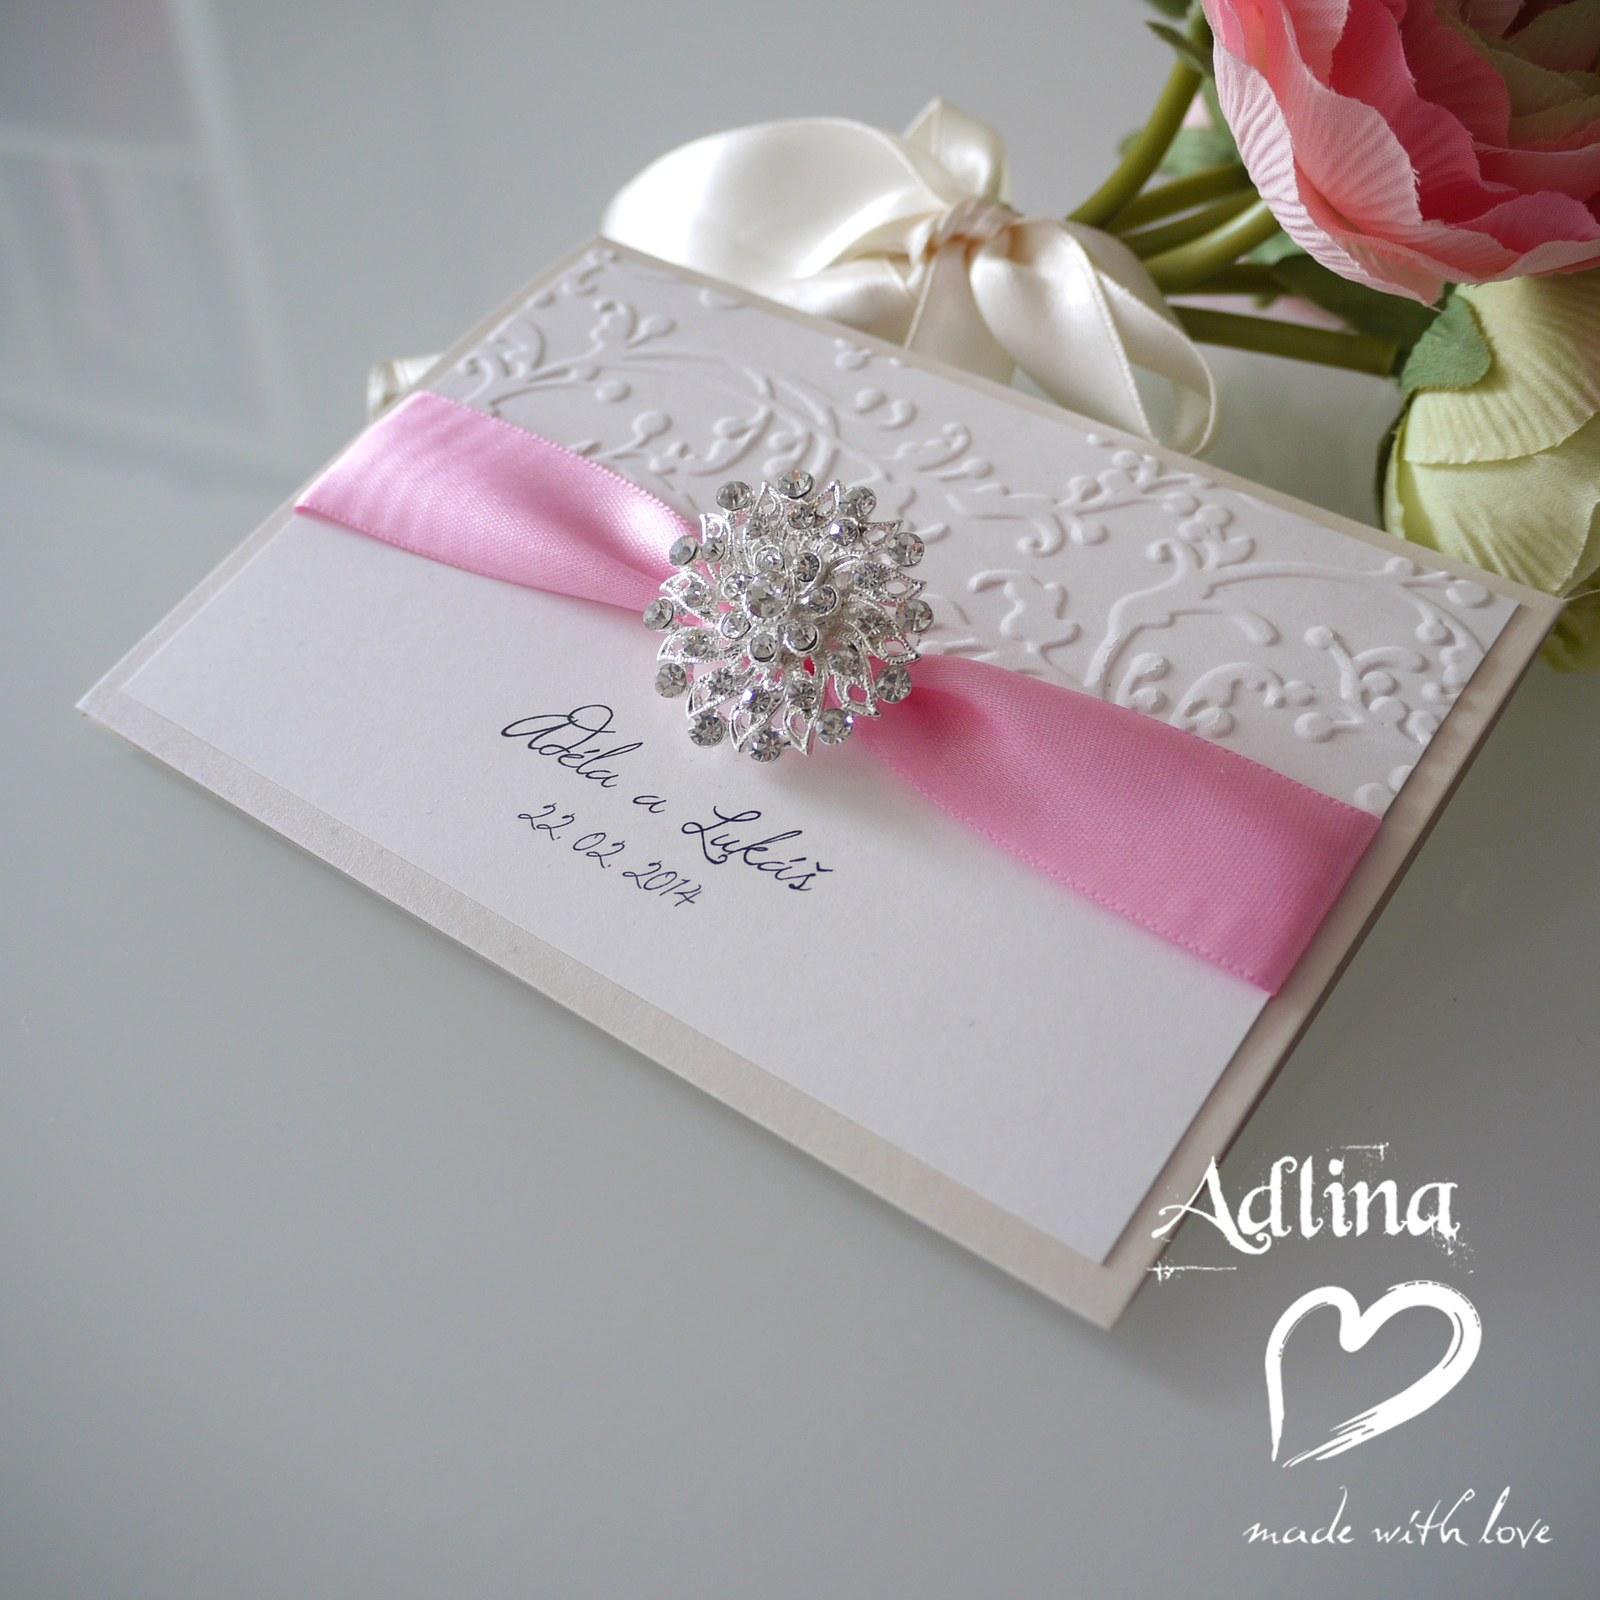 7ed8b86a7e3 luxusní svatební oznámení Ella   Zboží prodejce Adlina